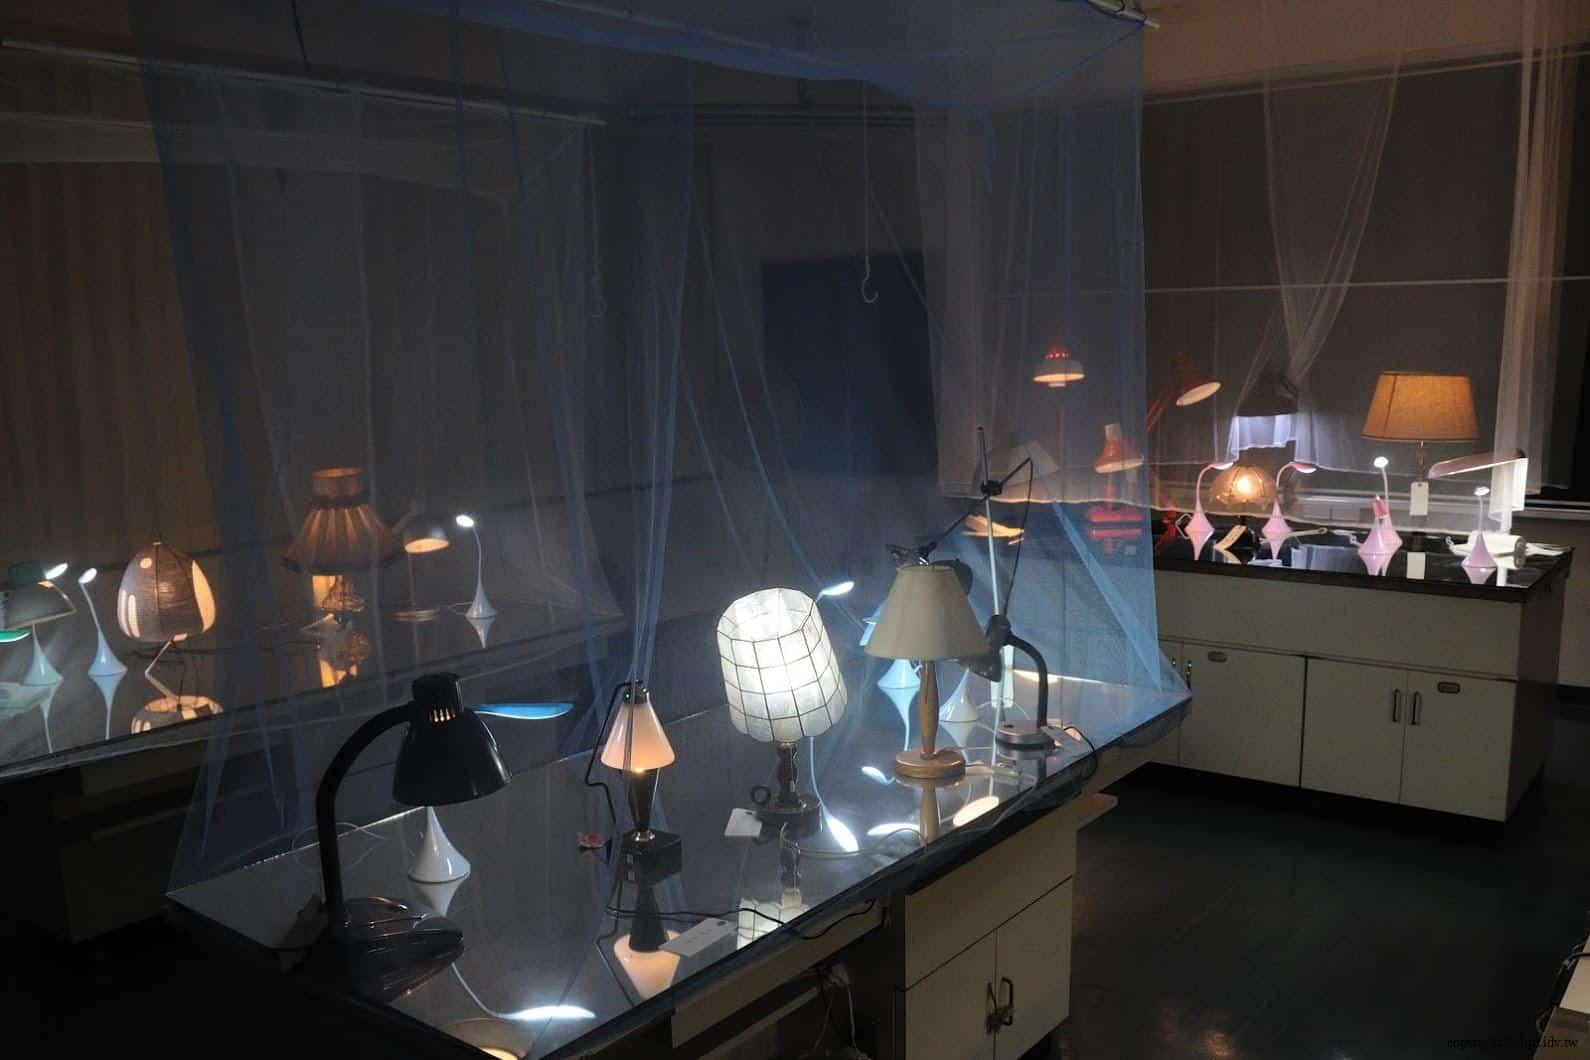 張哲溢,燈光溫室 越後妻有 手風琴/燈光溫室 acoordion conservatory of lights 02